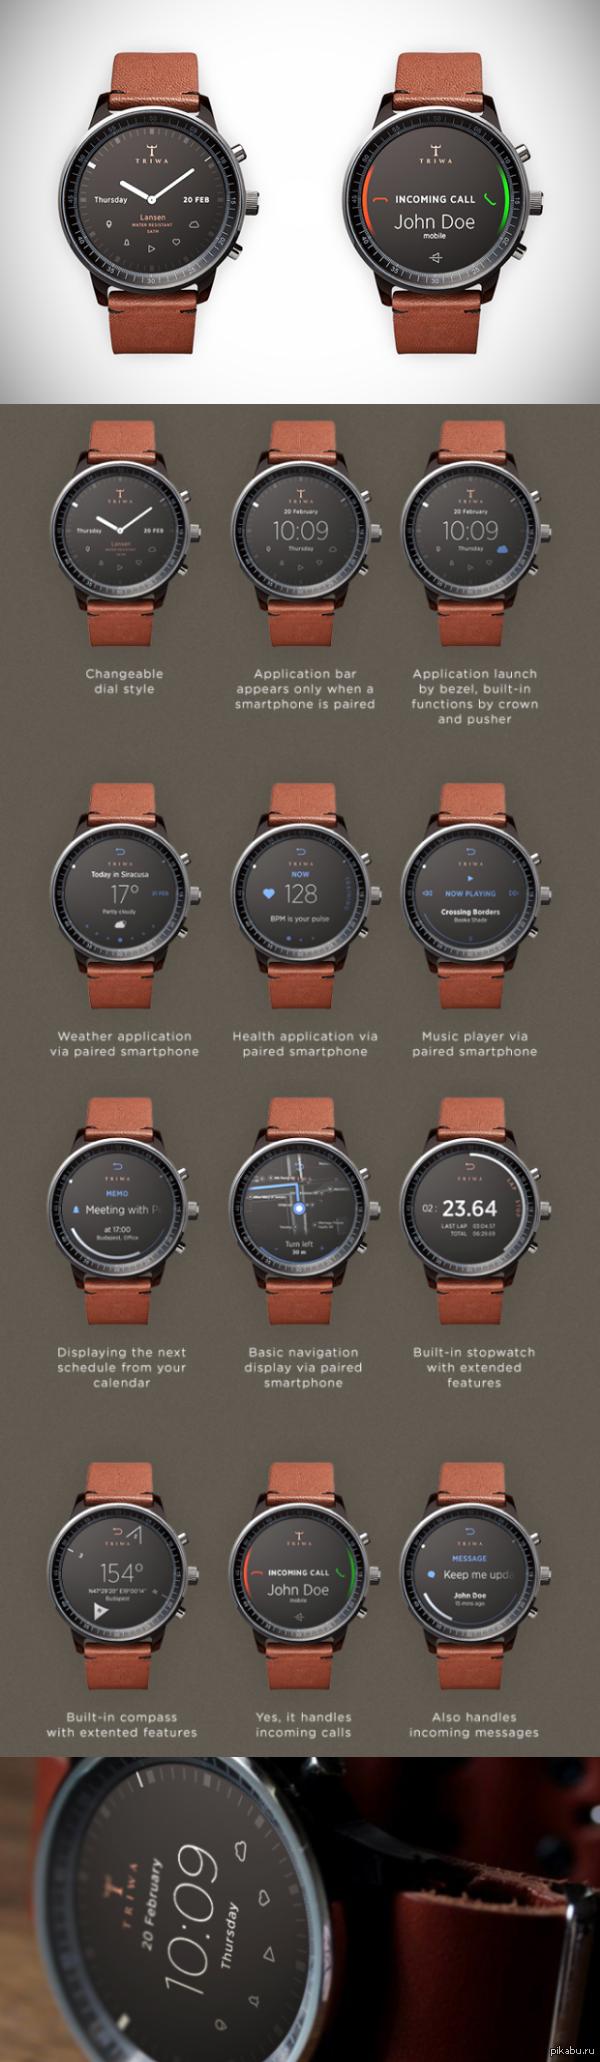 Лучший концепт умных часов, что я видел. Концепт от венгерского дизайнера-фрилансера Gábor Balogh.